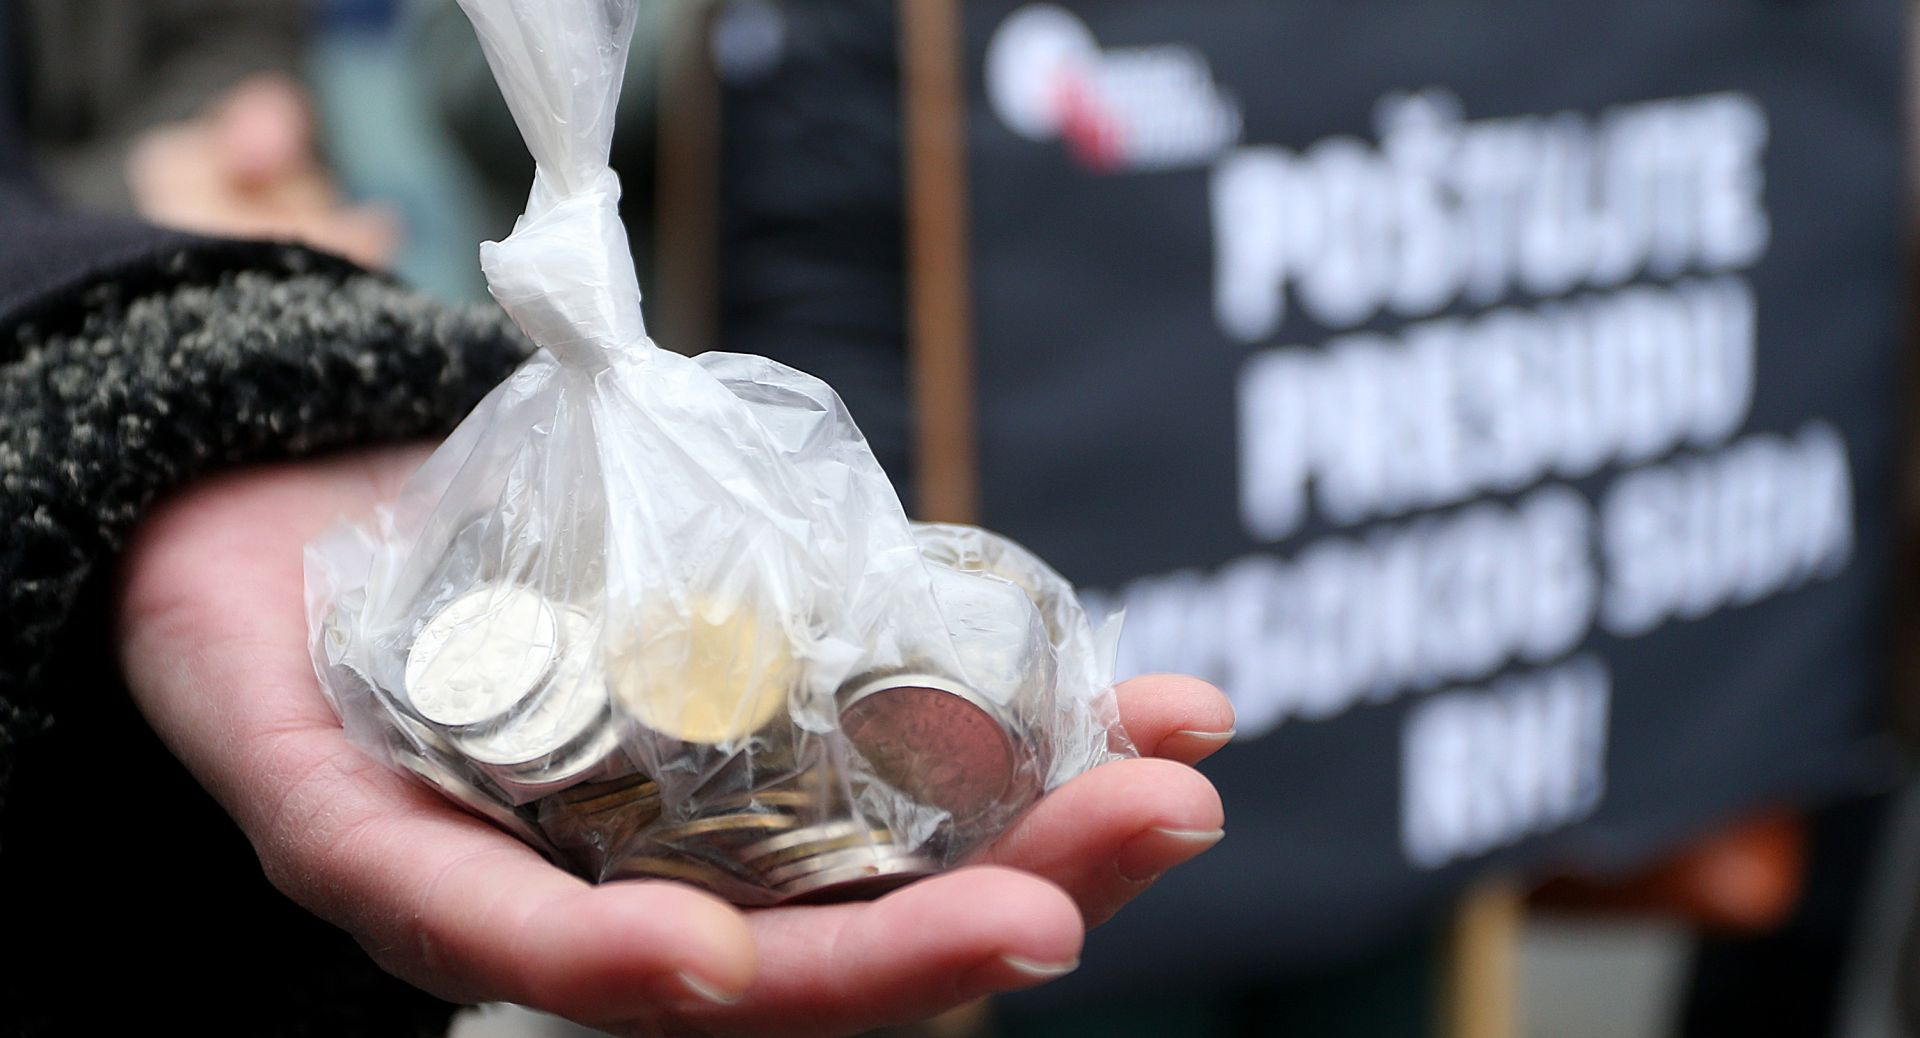 Udruga Franak zatražila od Vlade podatke o predarbitražnim zahtjevima banaka